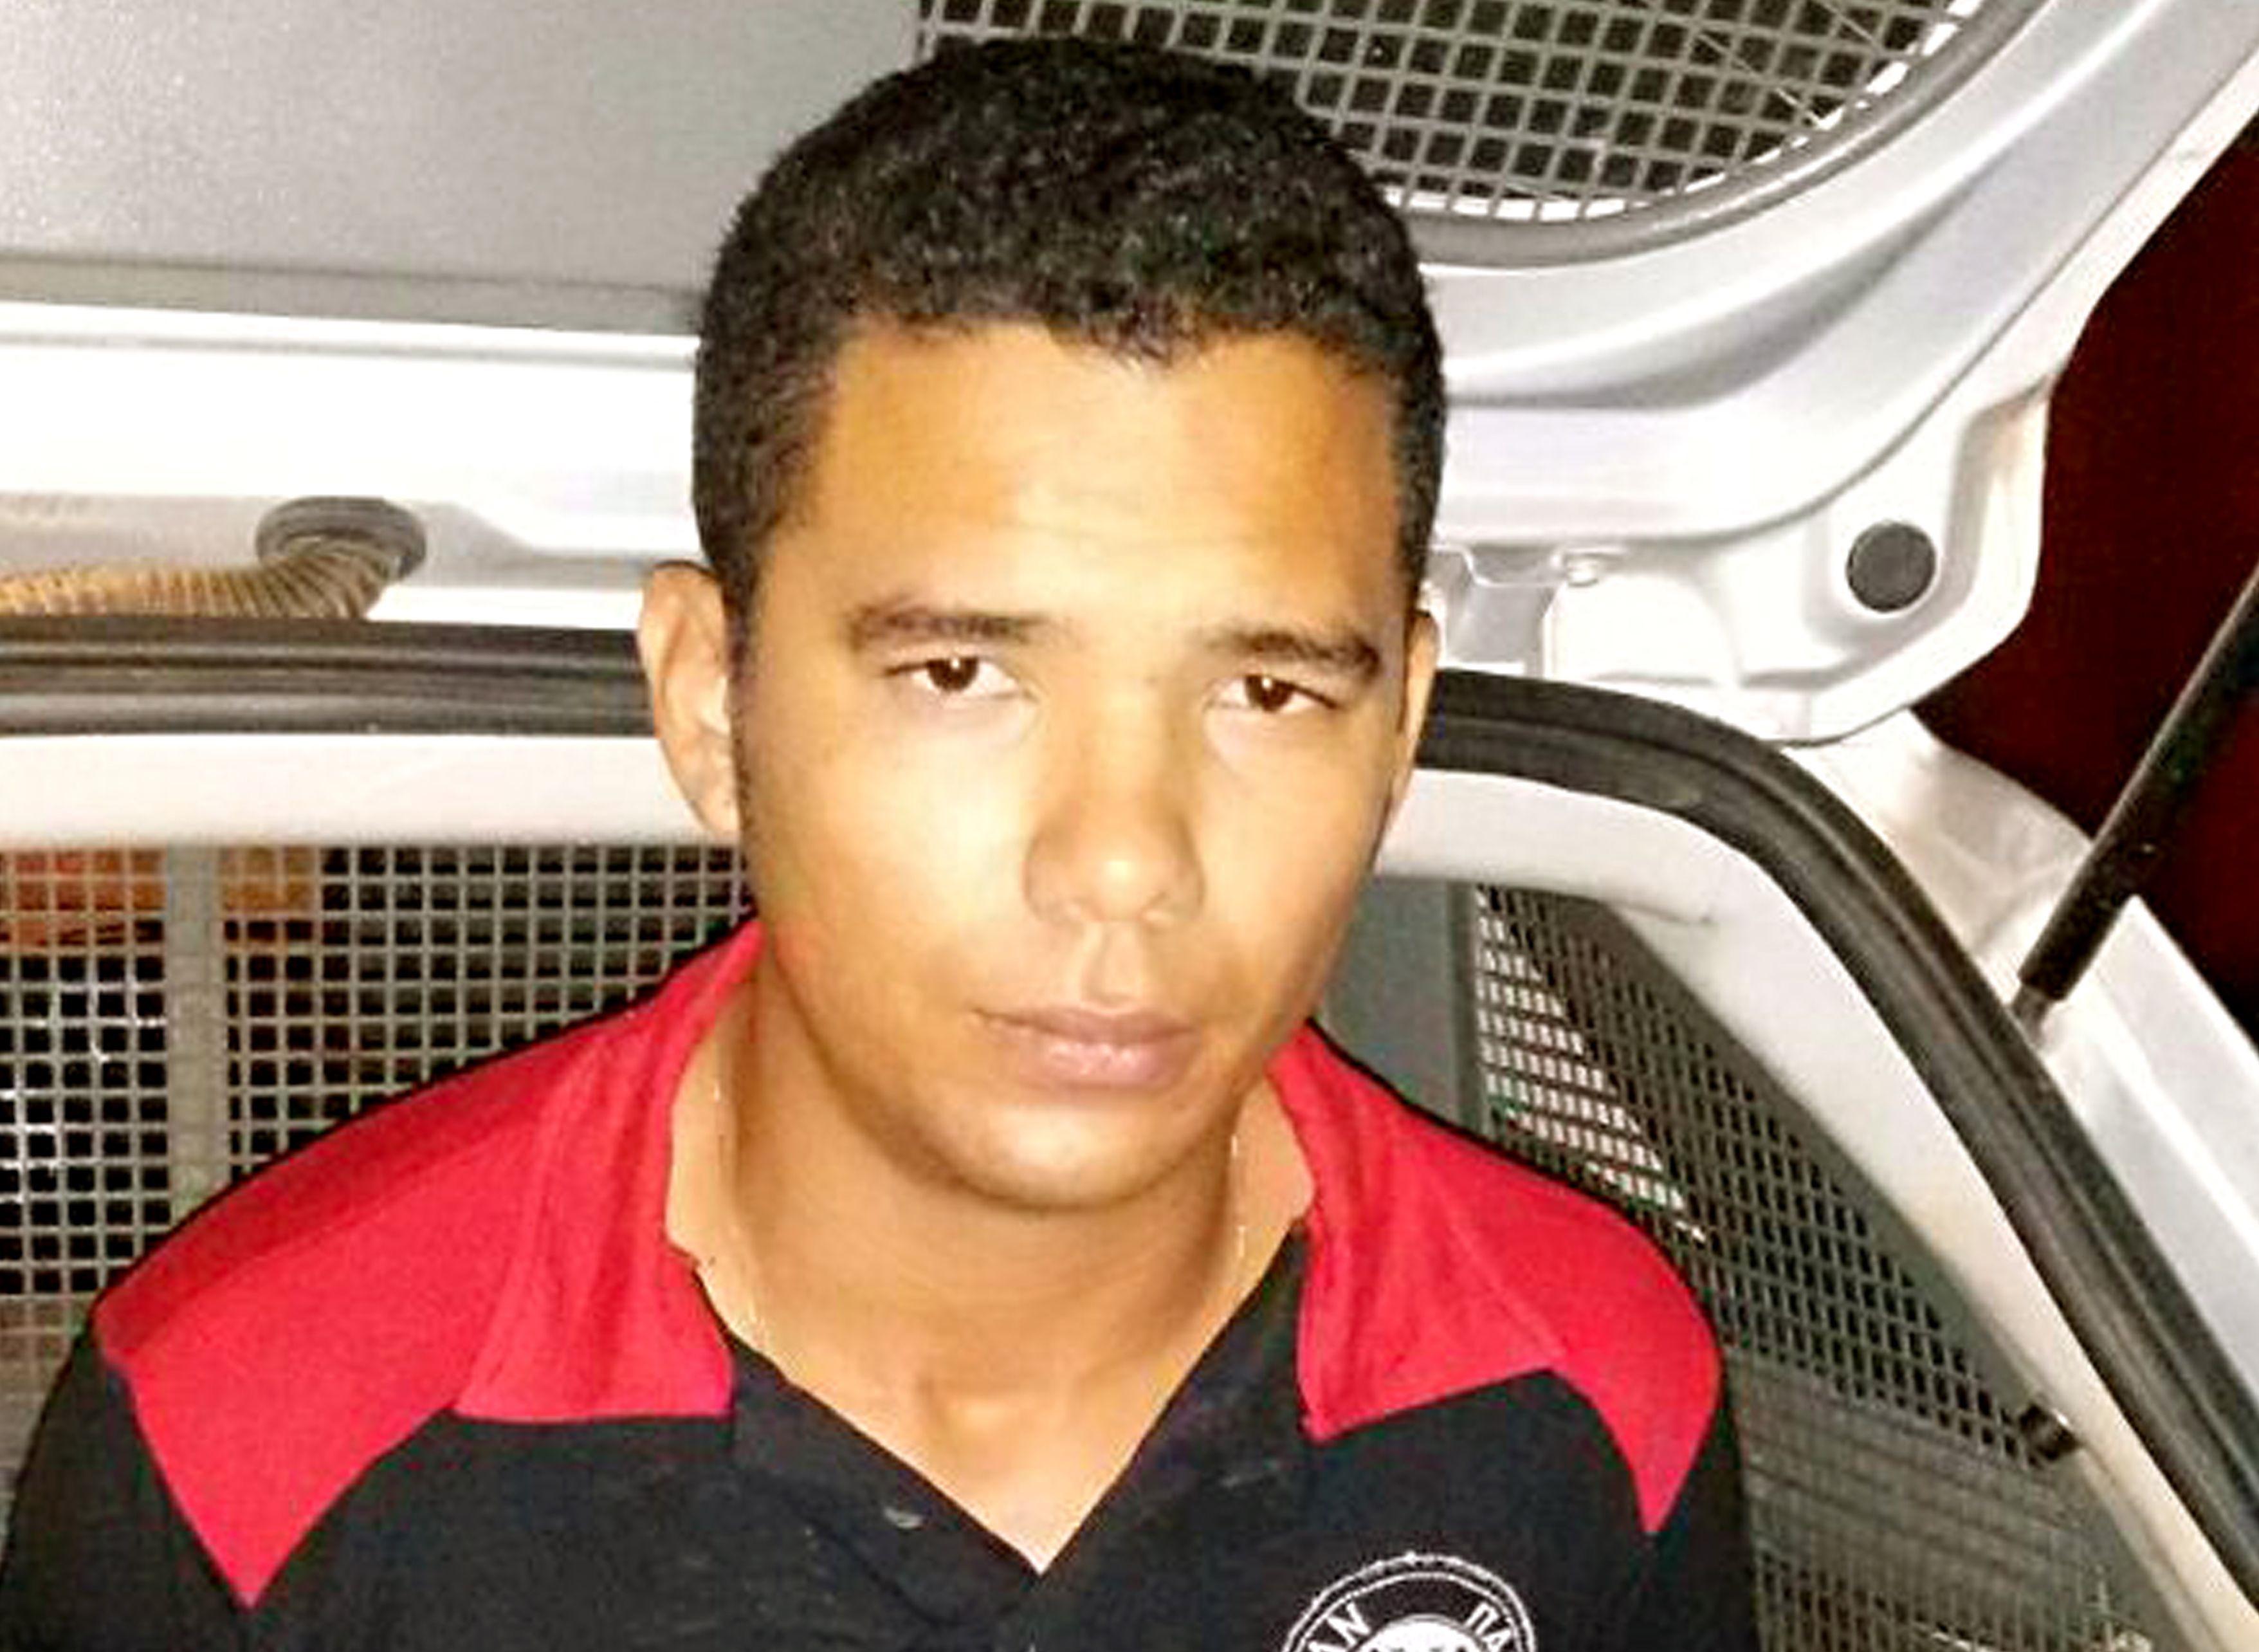 visitou a família e se deu mal: Homem que matou namorada com 10 facadas é novamente preso